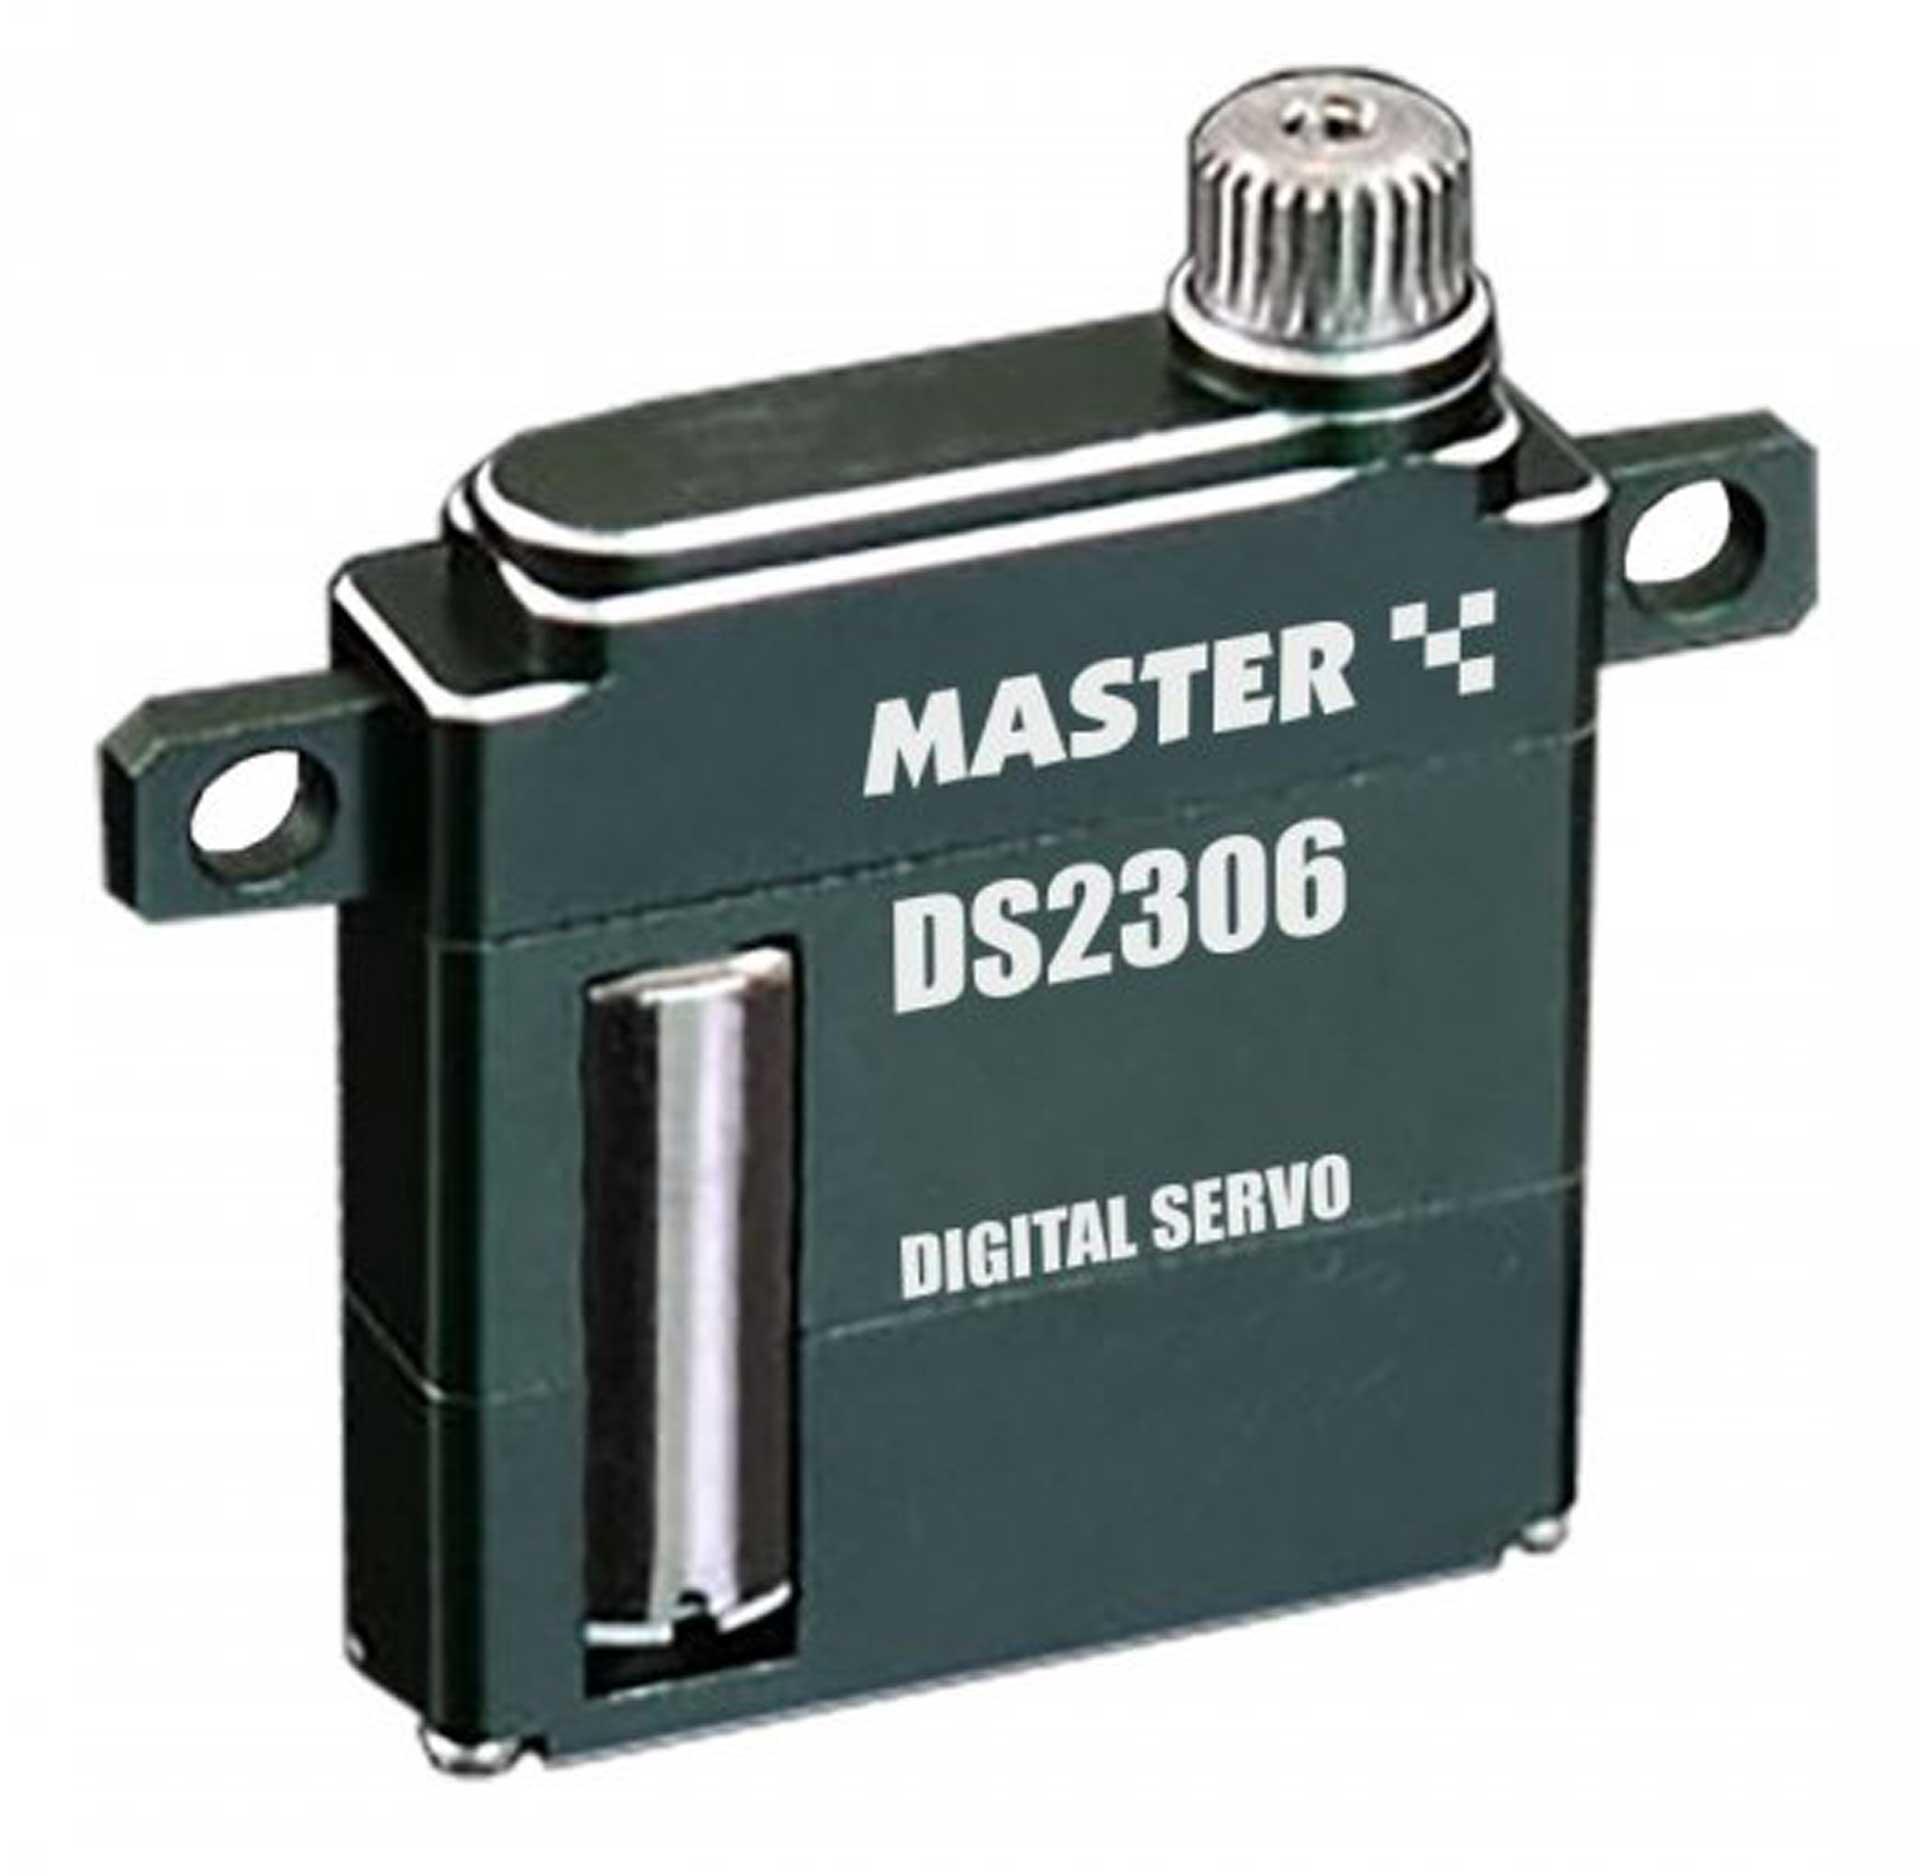 Pichler MASTER Servo DS2306 MG